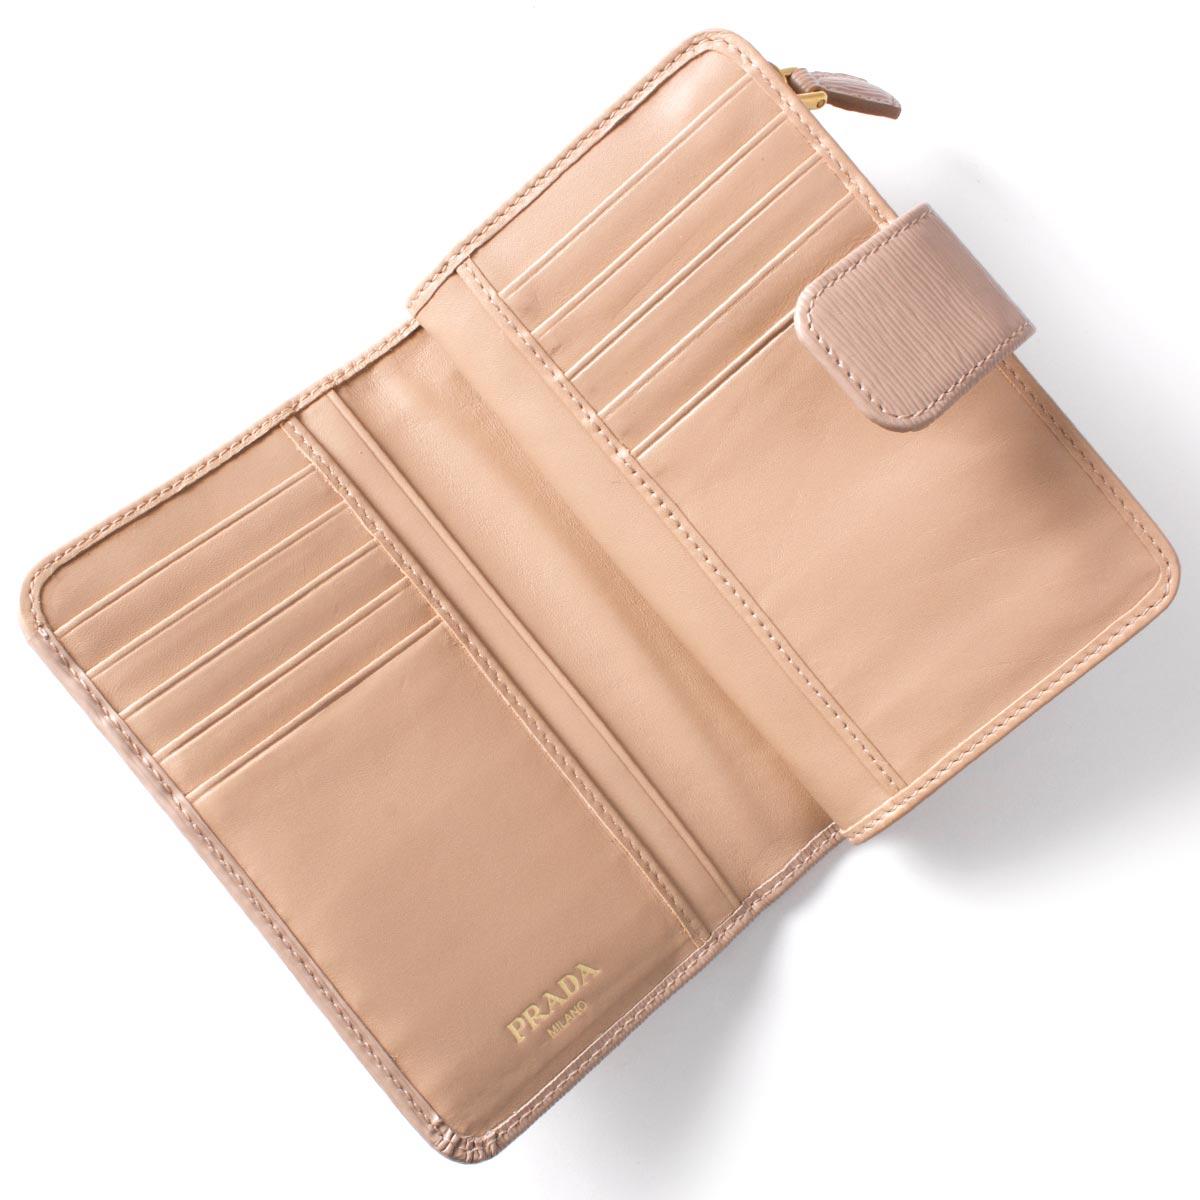 プラダ 二つ折財布 財布 レディース VITELLO MOVE カメオベージュ 1ML225 2EZZ F0770 PRADA